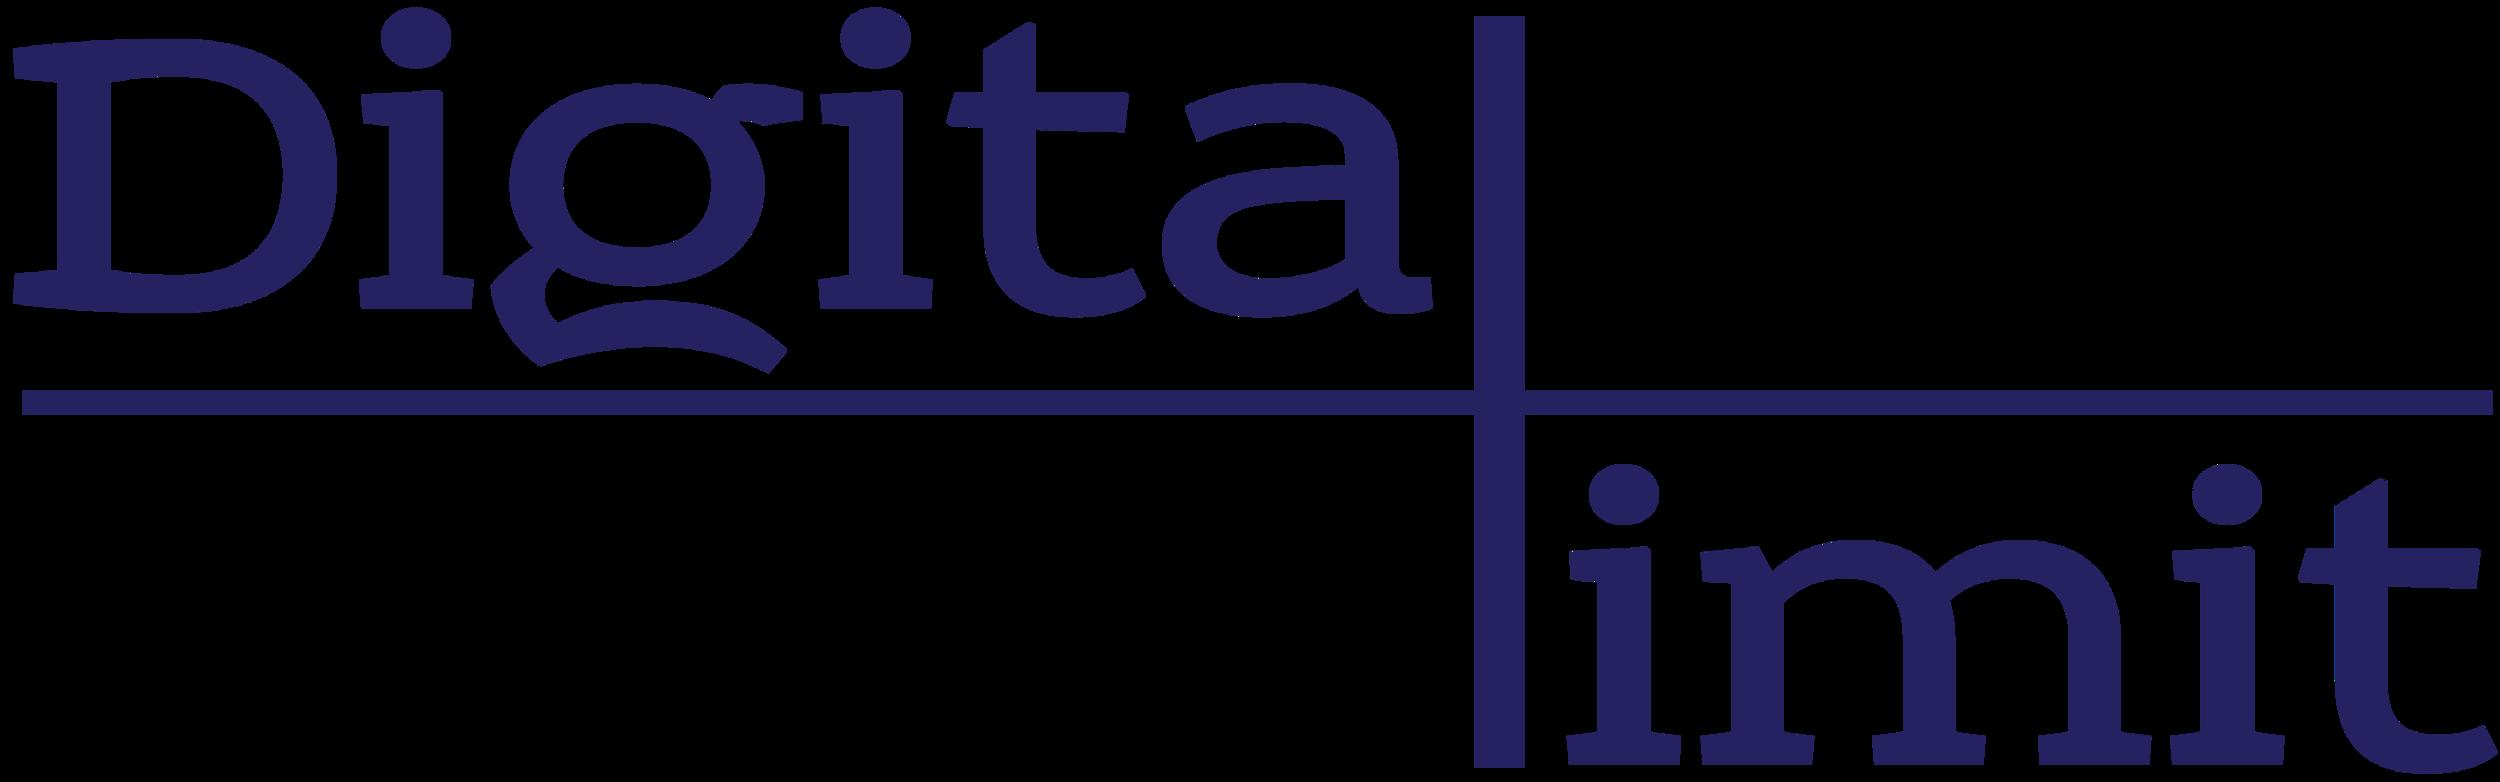 Digitalimit Logo Blue Large.png